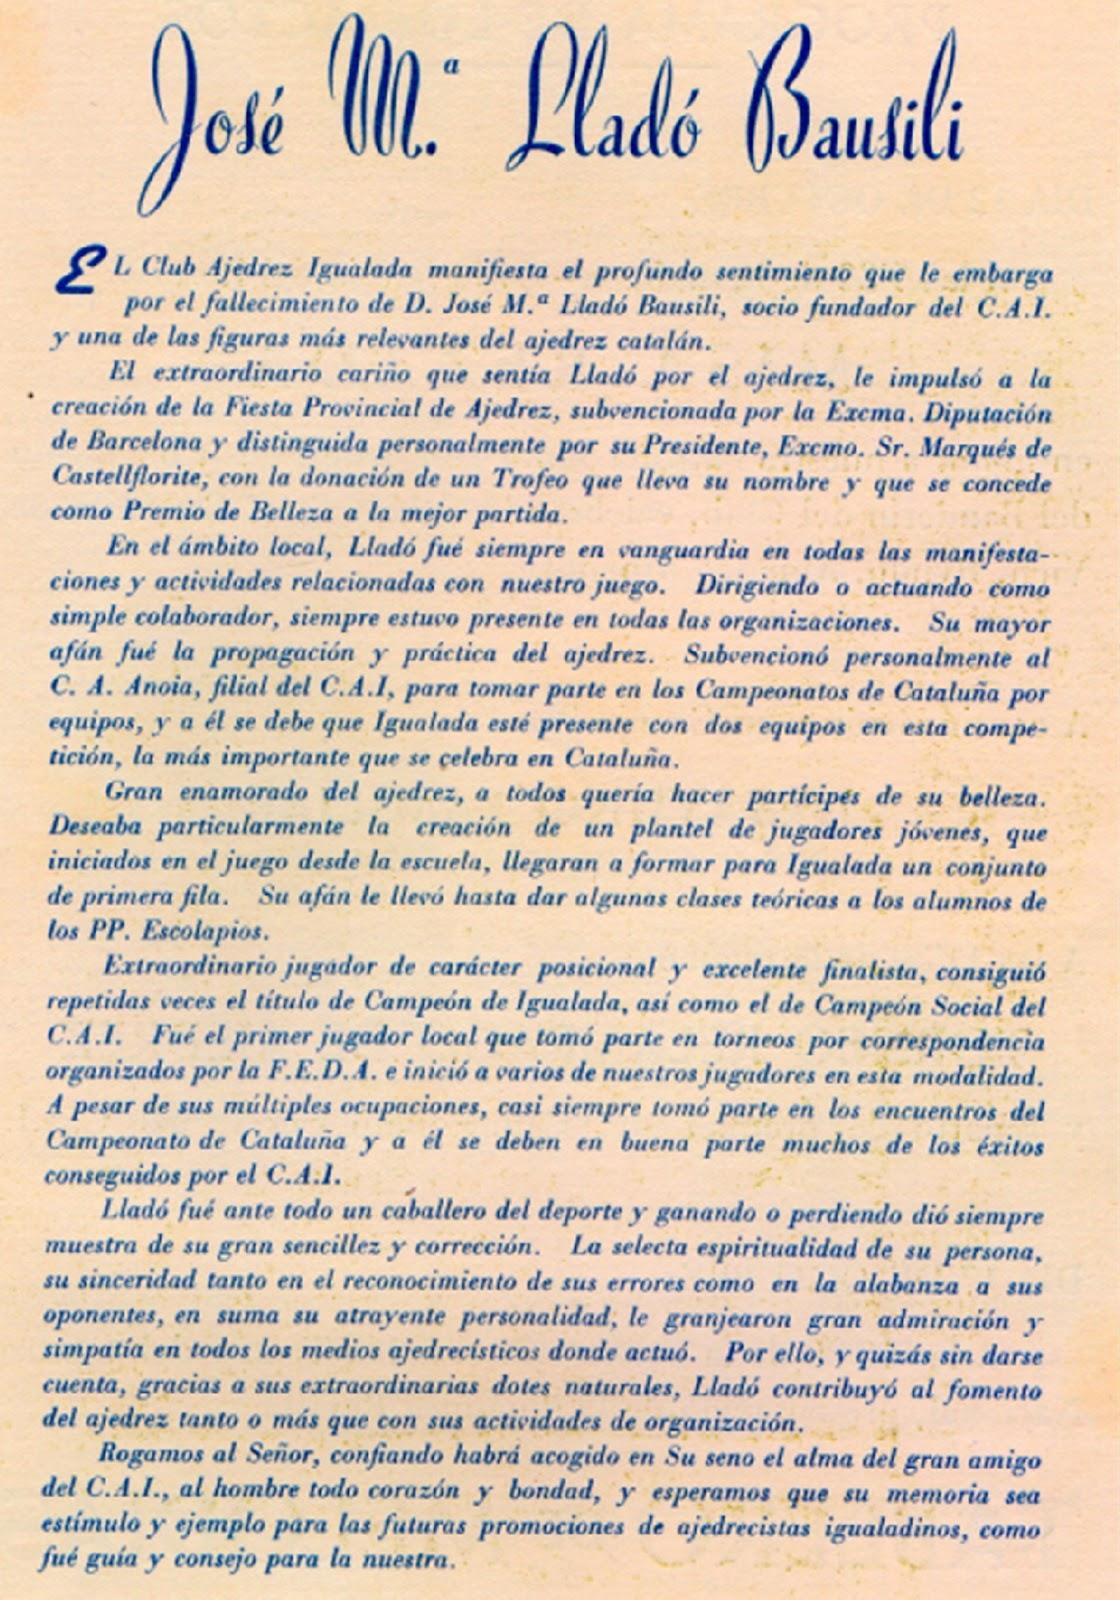 Sobre Josep Maria Lladó i Bausili